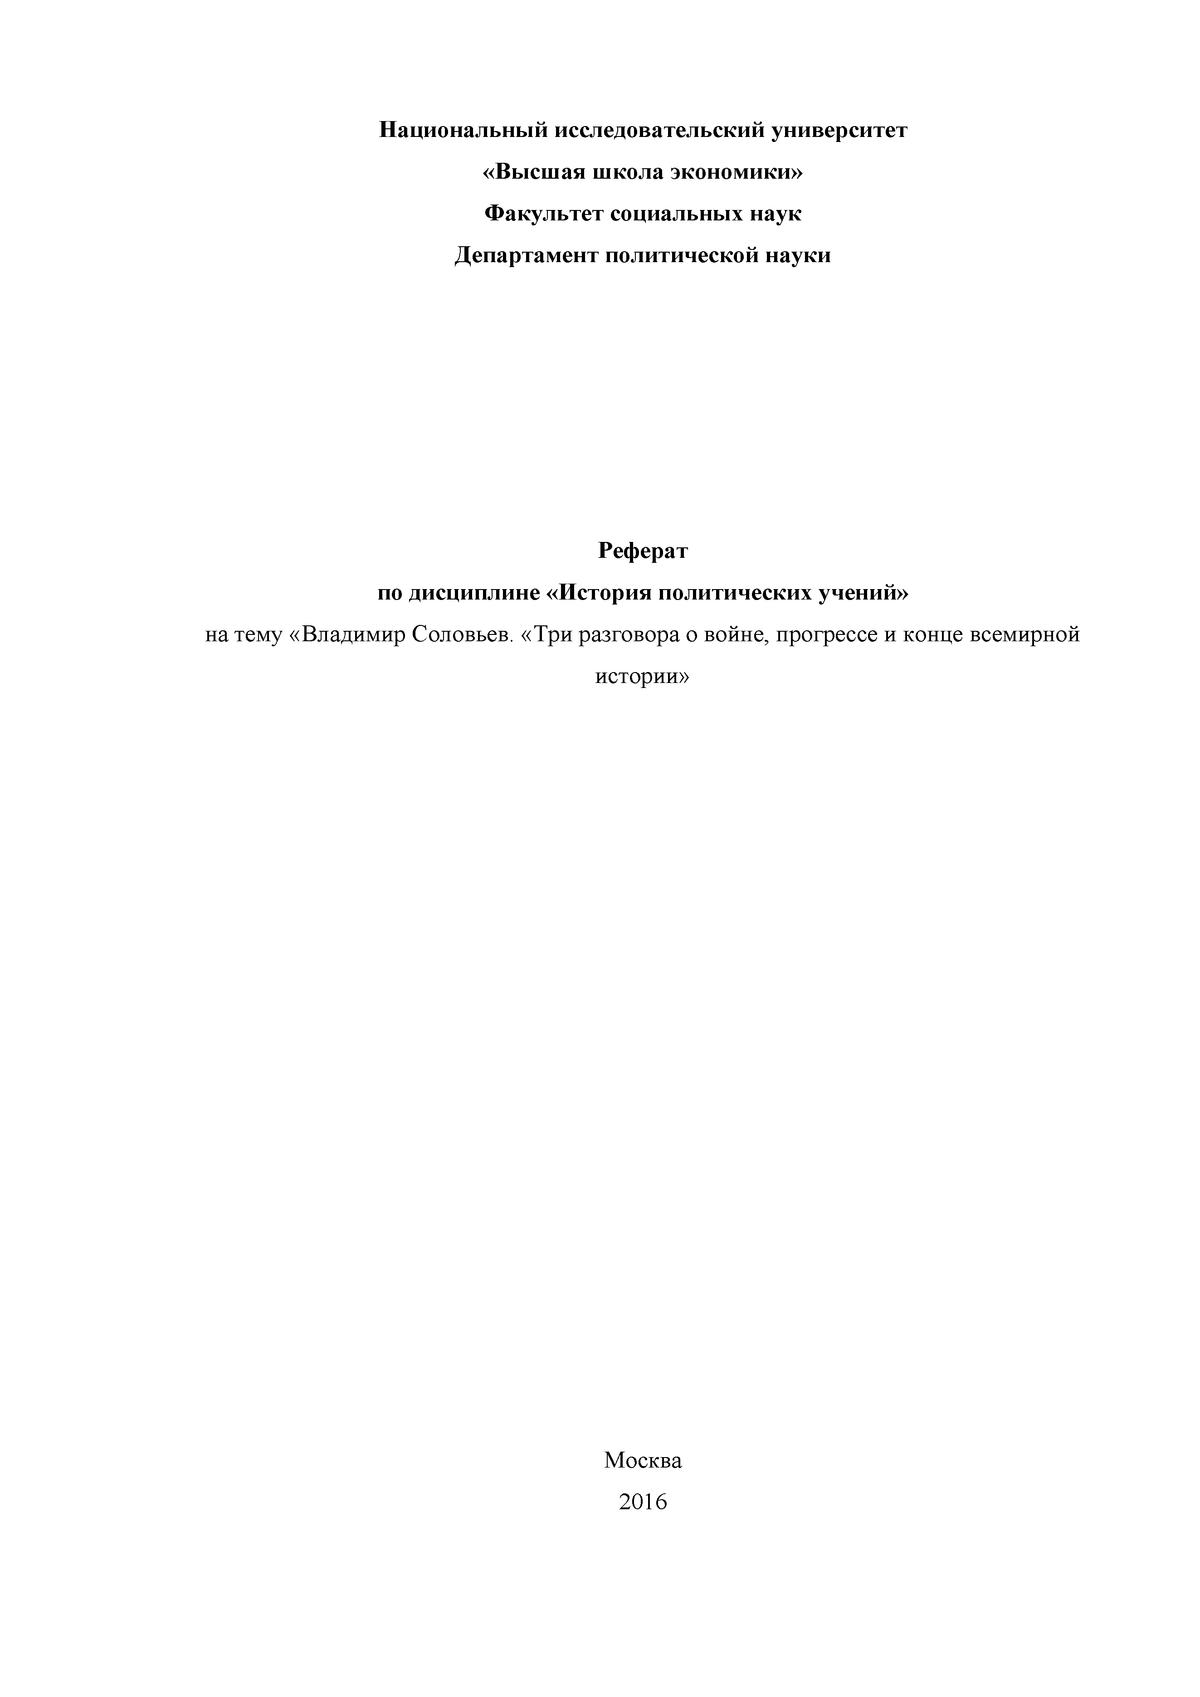 Реферат по философии на тему владимир соловьев 4366